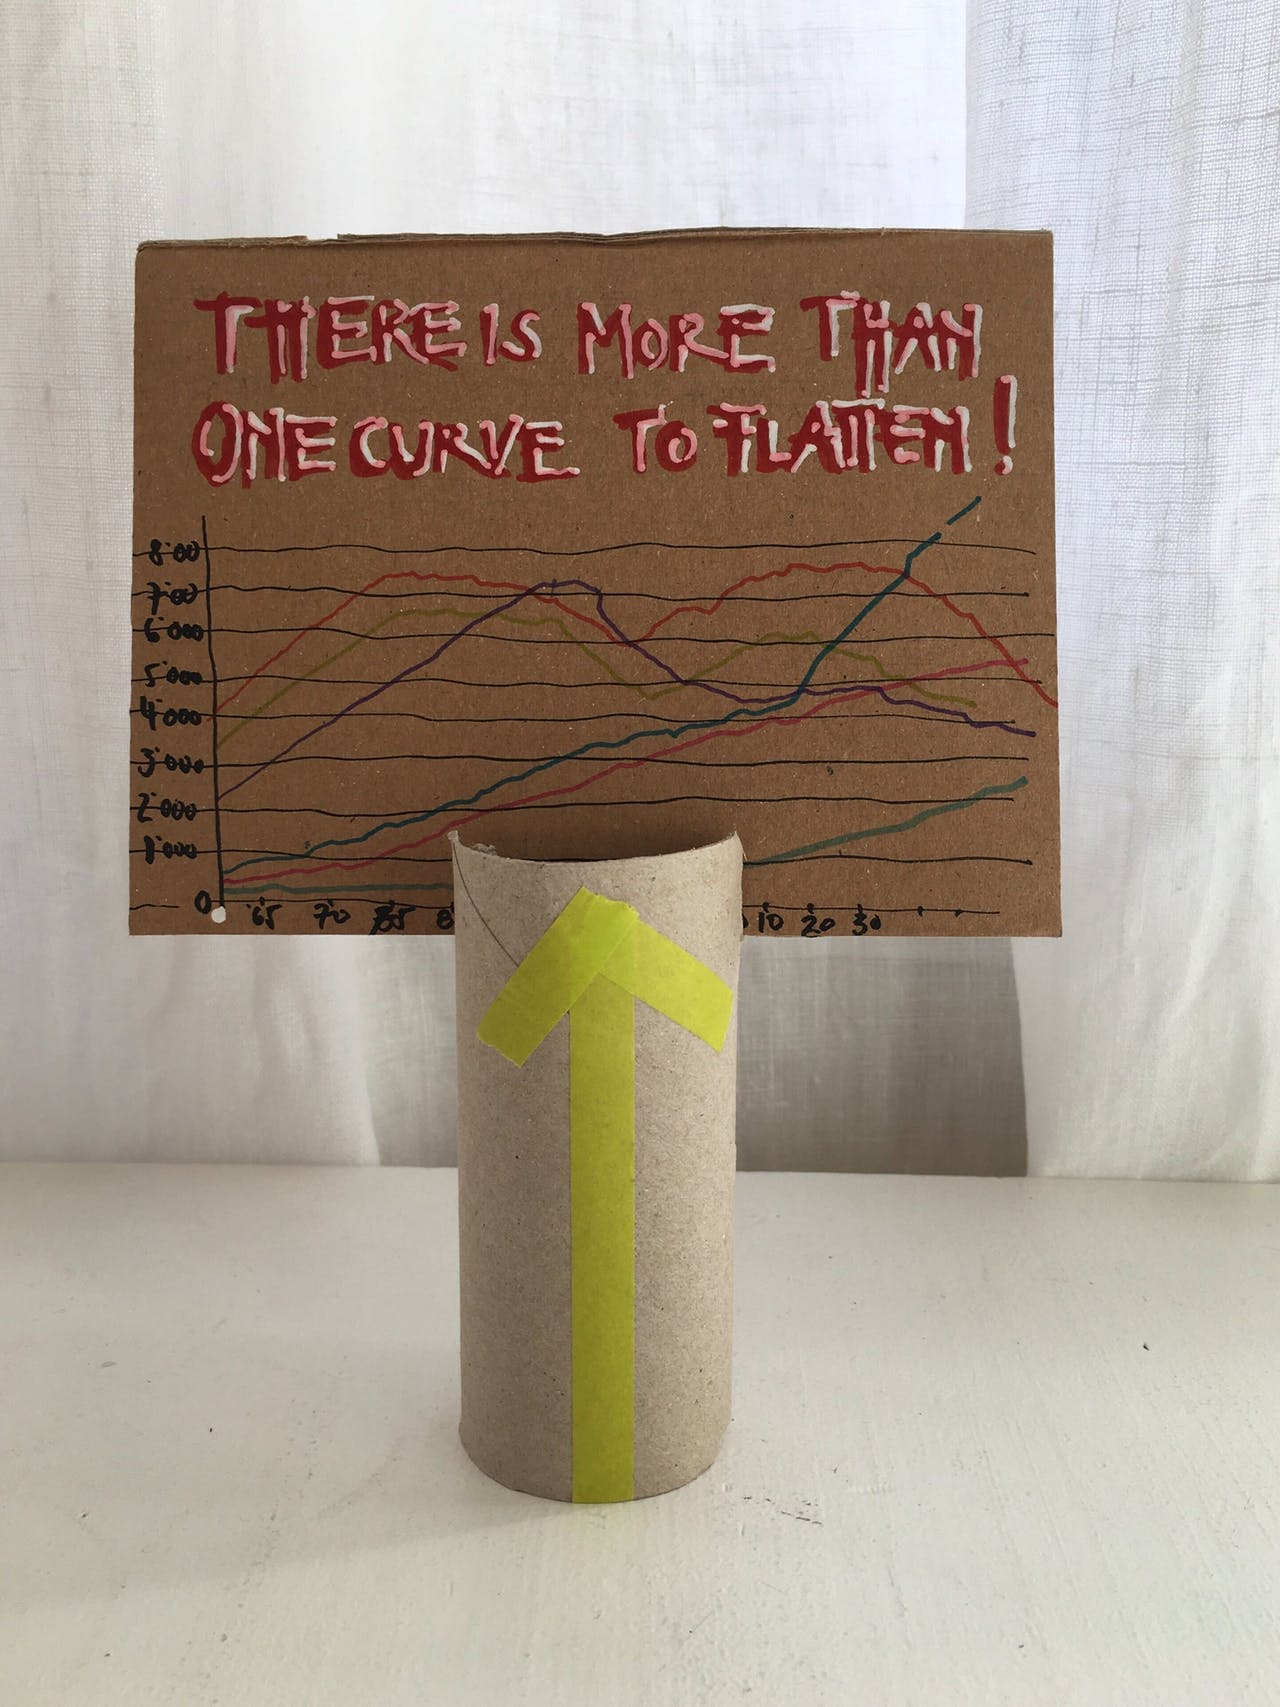 There is more than one curve to flatten! Modulor beim Netzstreik fürs Klima